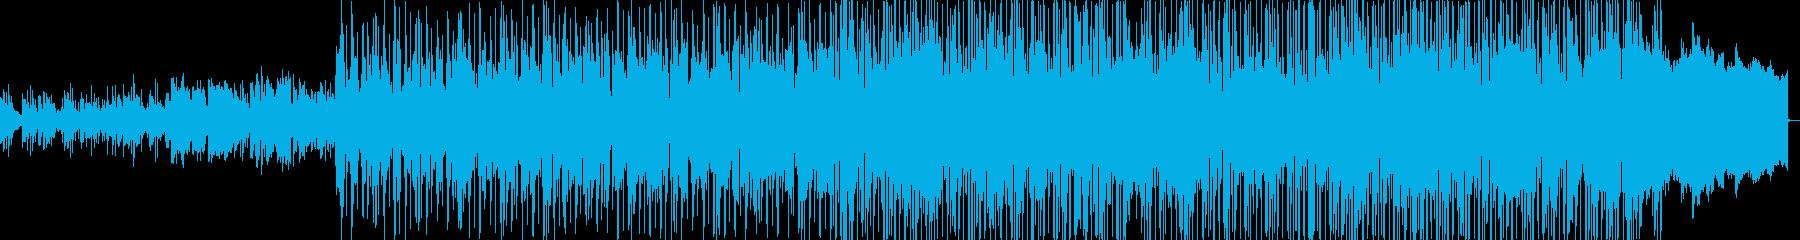 シャッフルリズムが印象的な明るいポップスの再生済みの波形